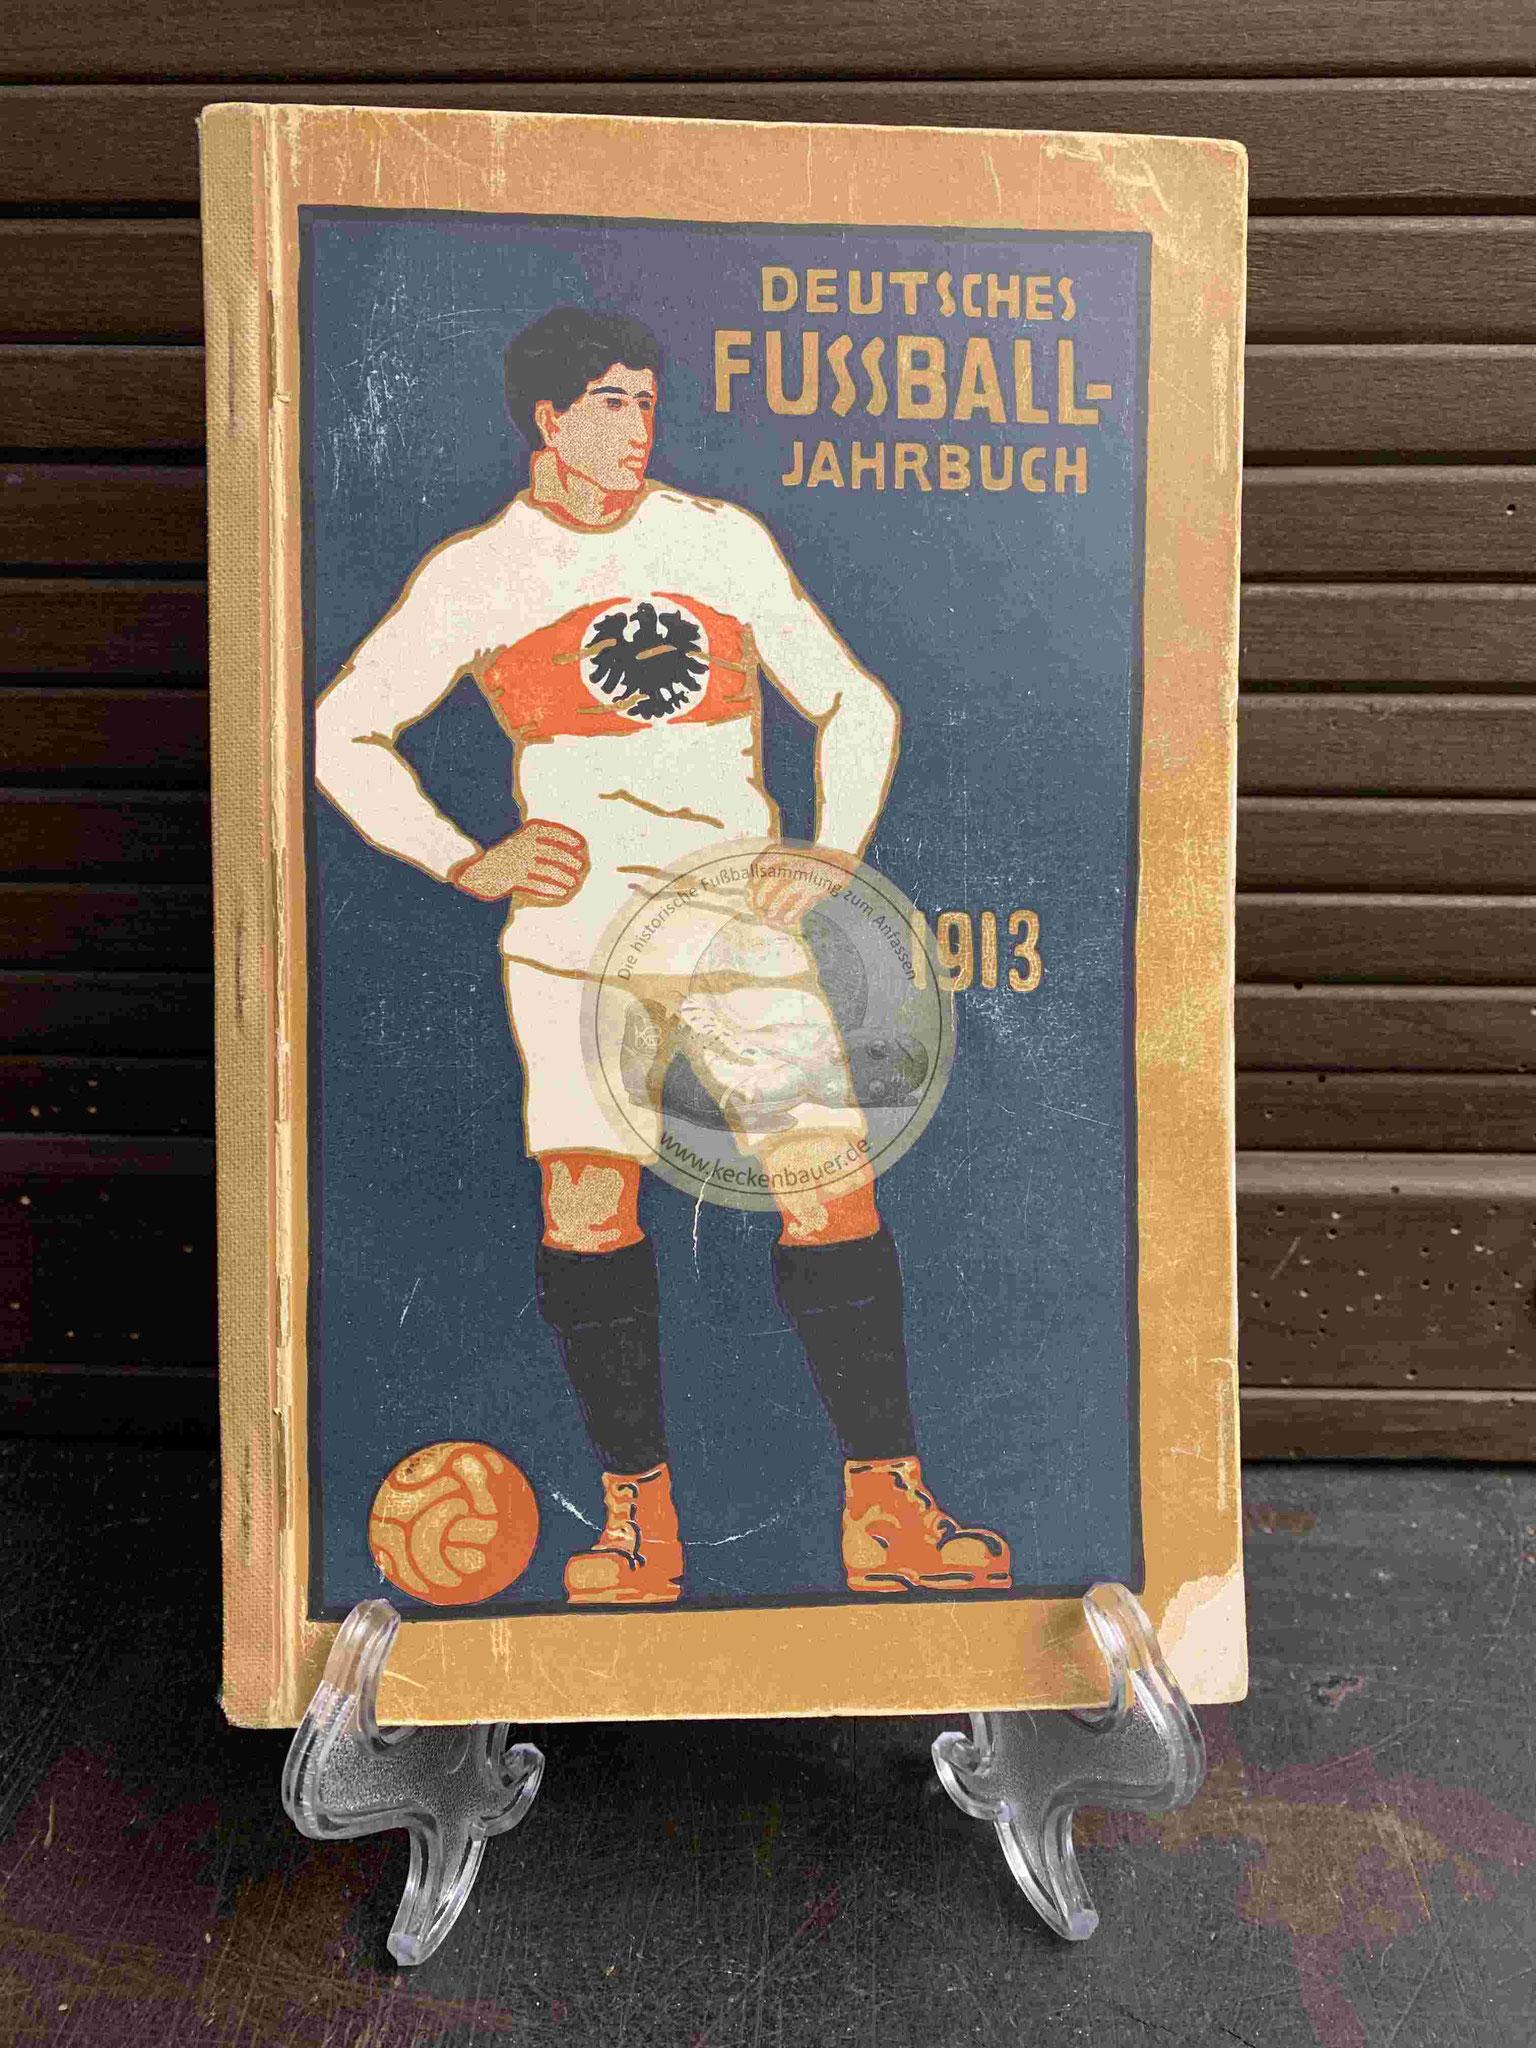 Deutsche Fußball Jahrbuch vom DFB aus dem Jahr 1913